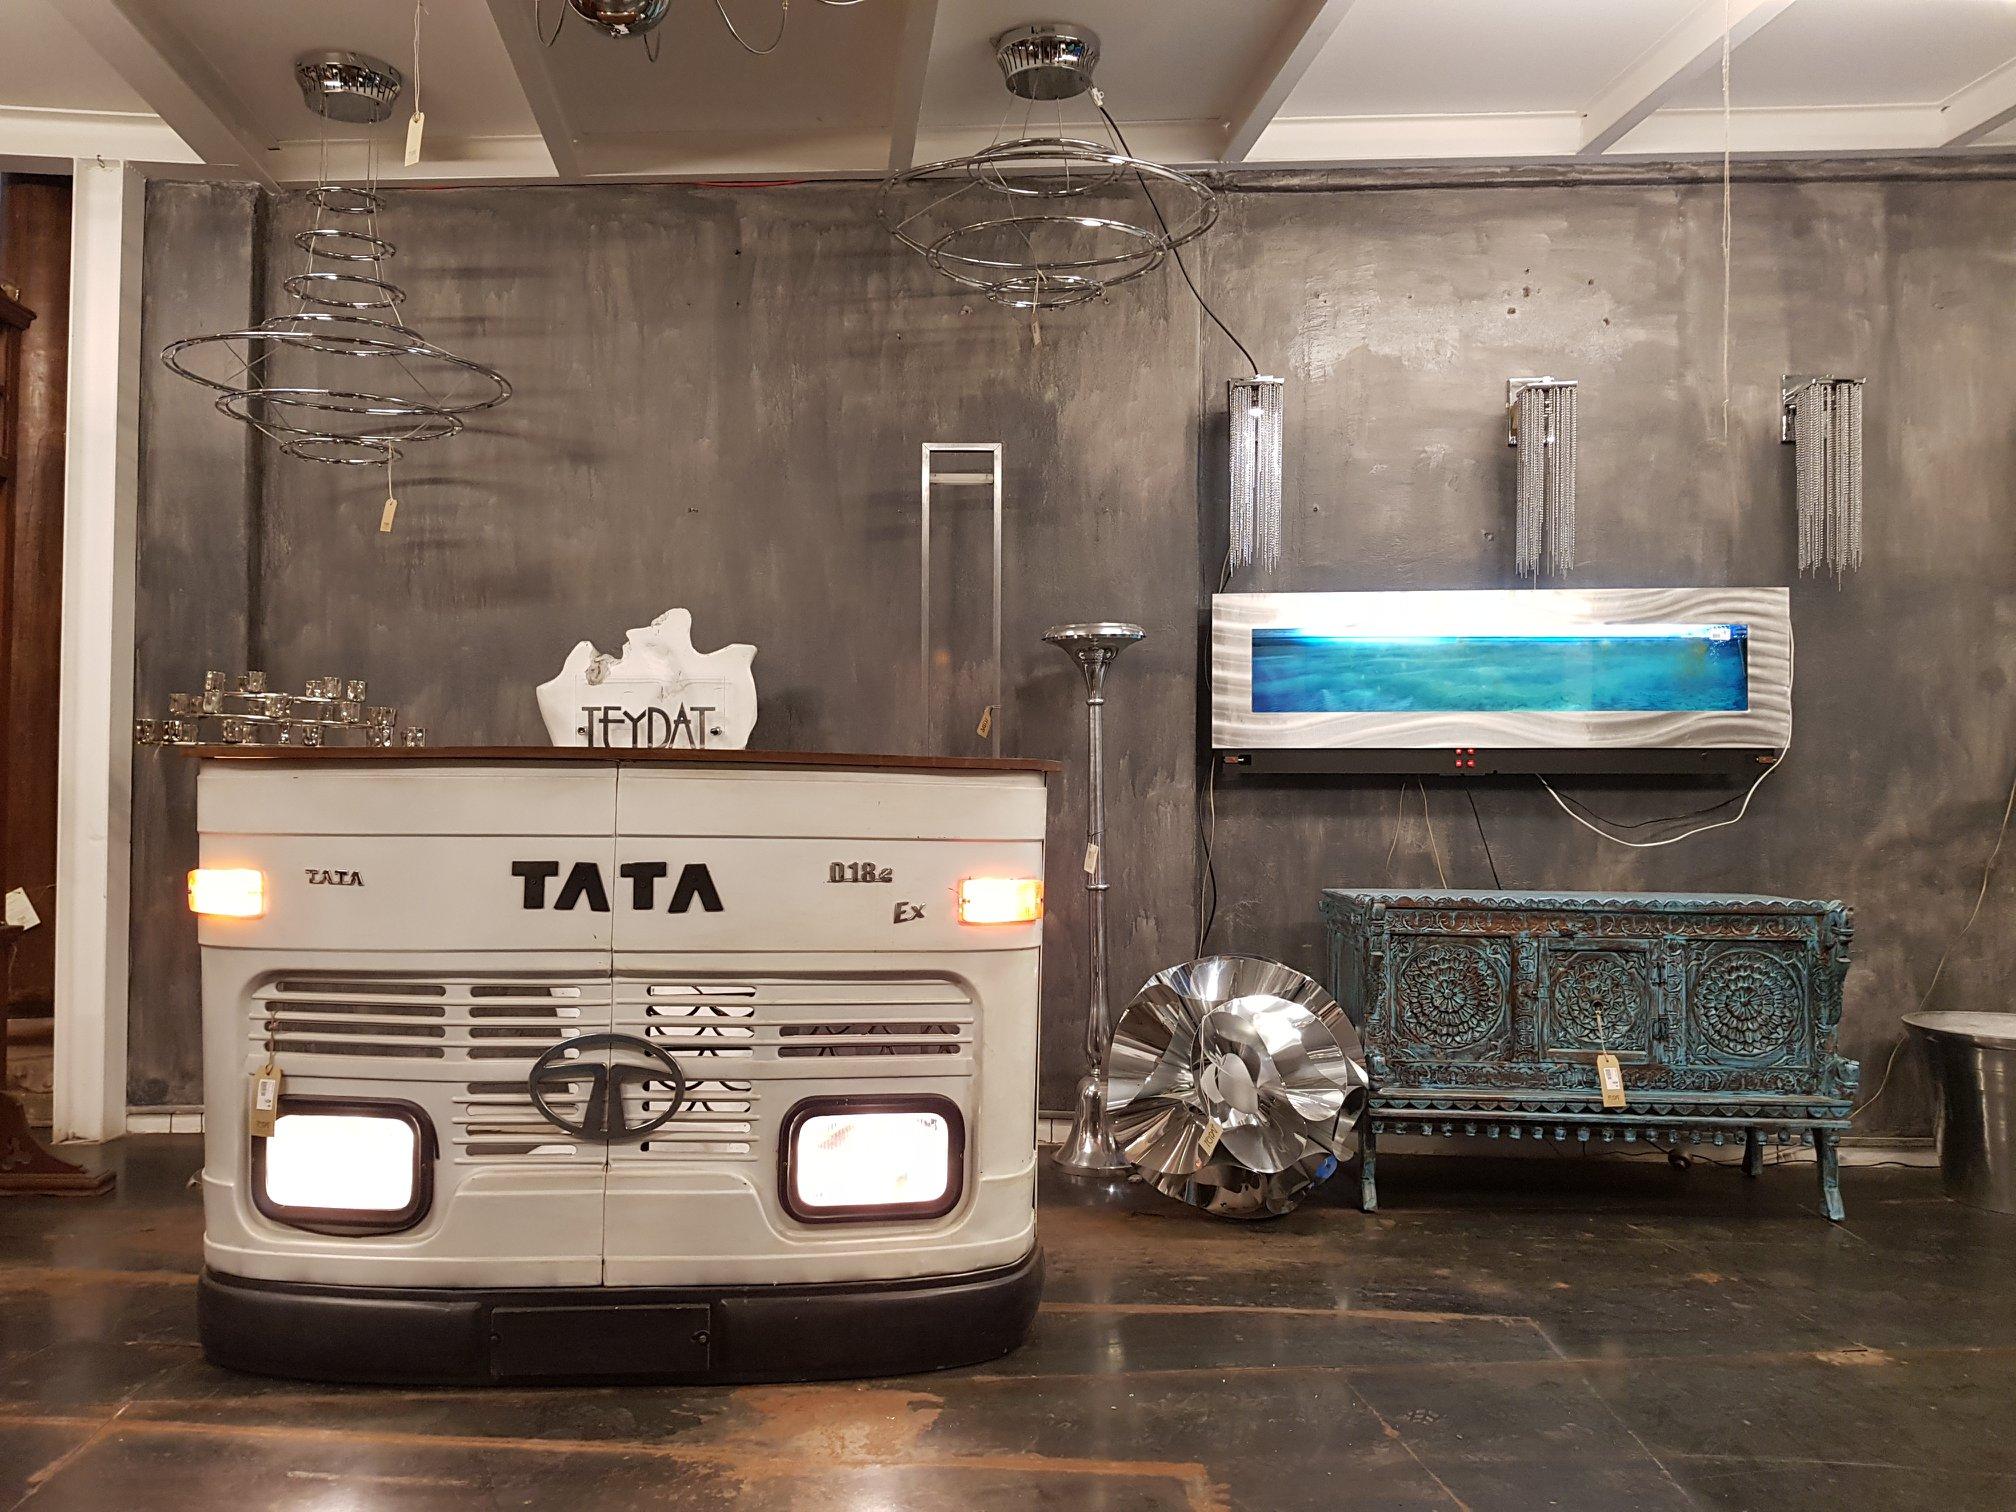 Mobile BAR Indiano composto da sezione frontale di un furgoncino TATA originale